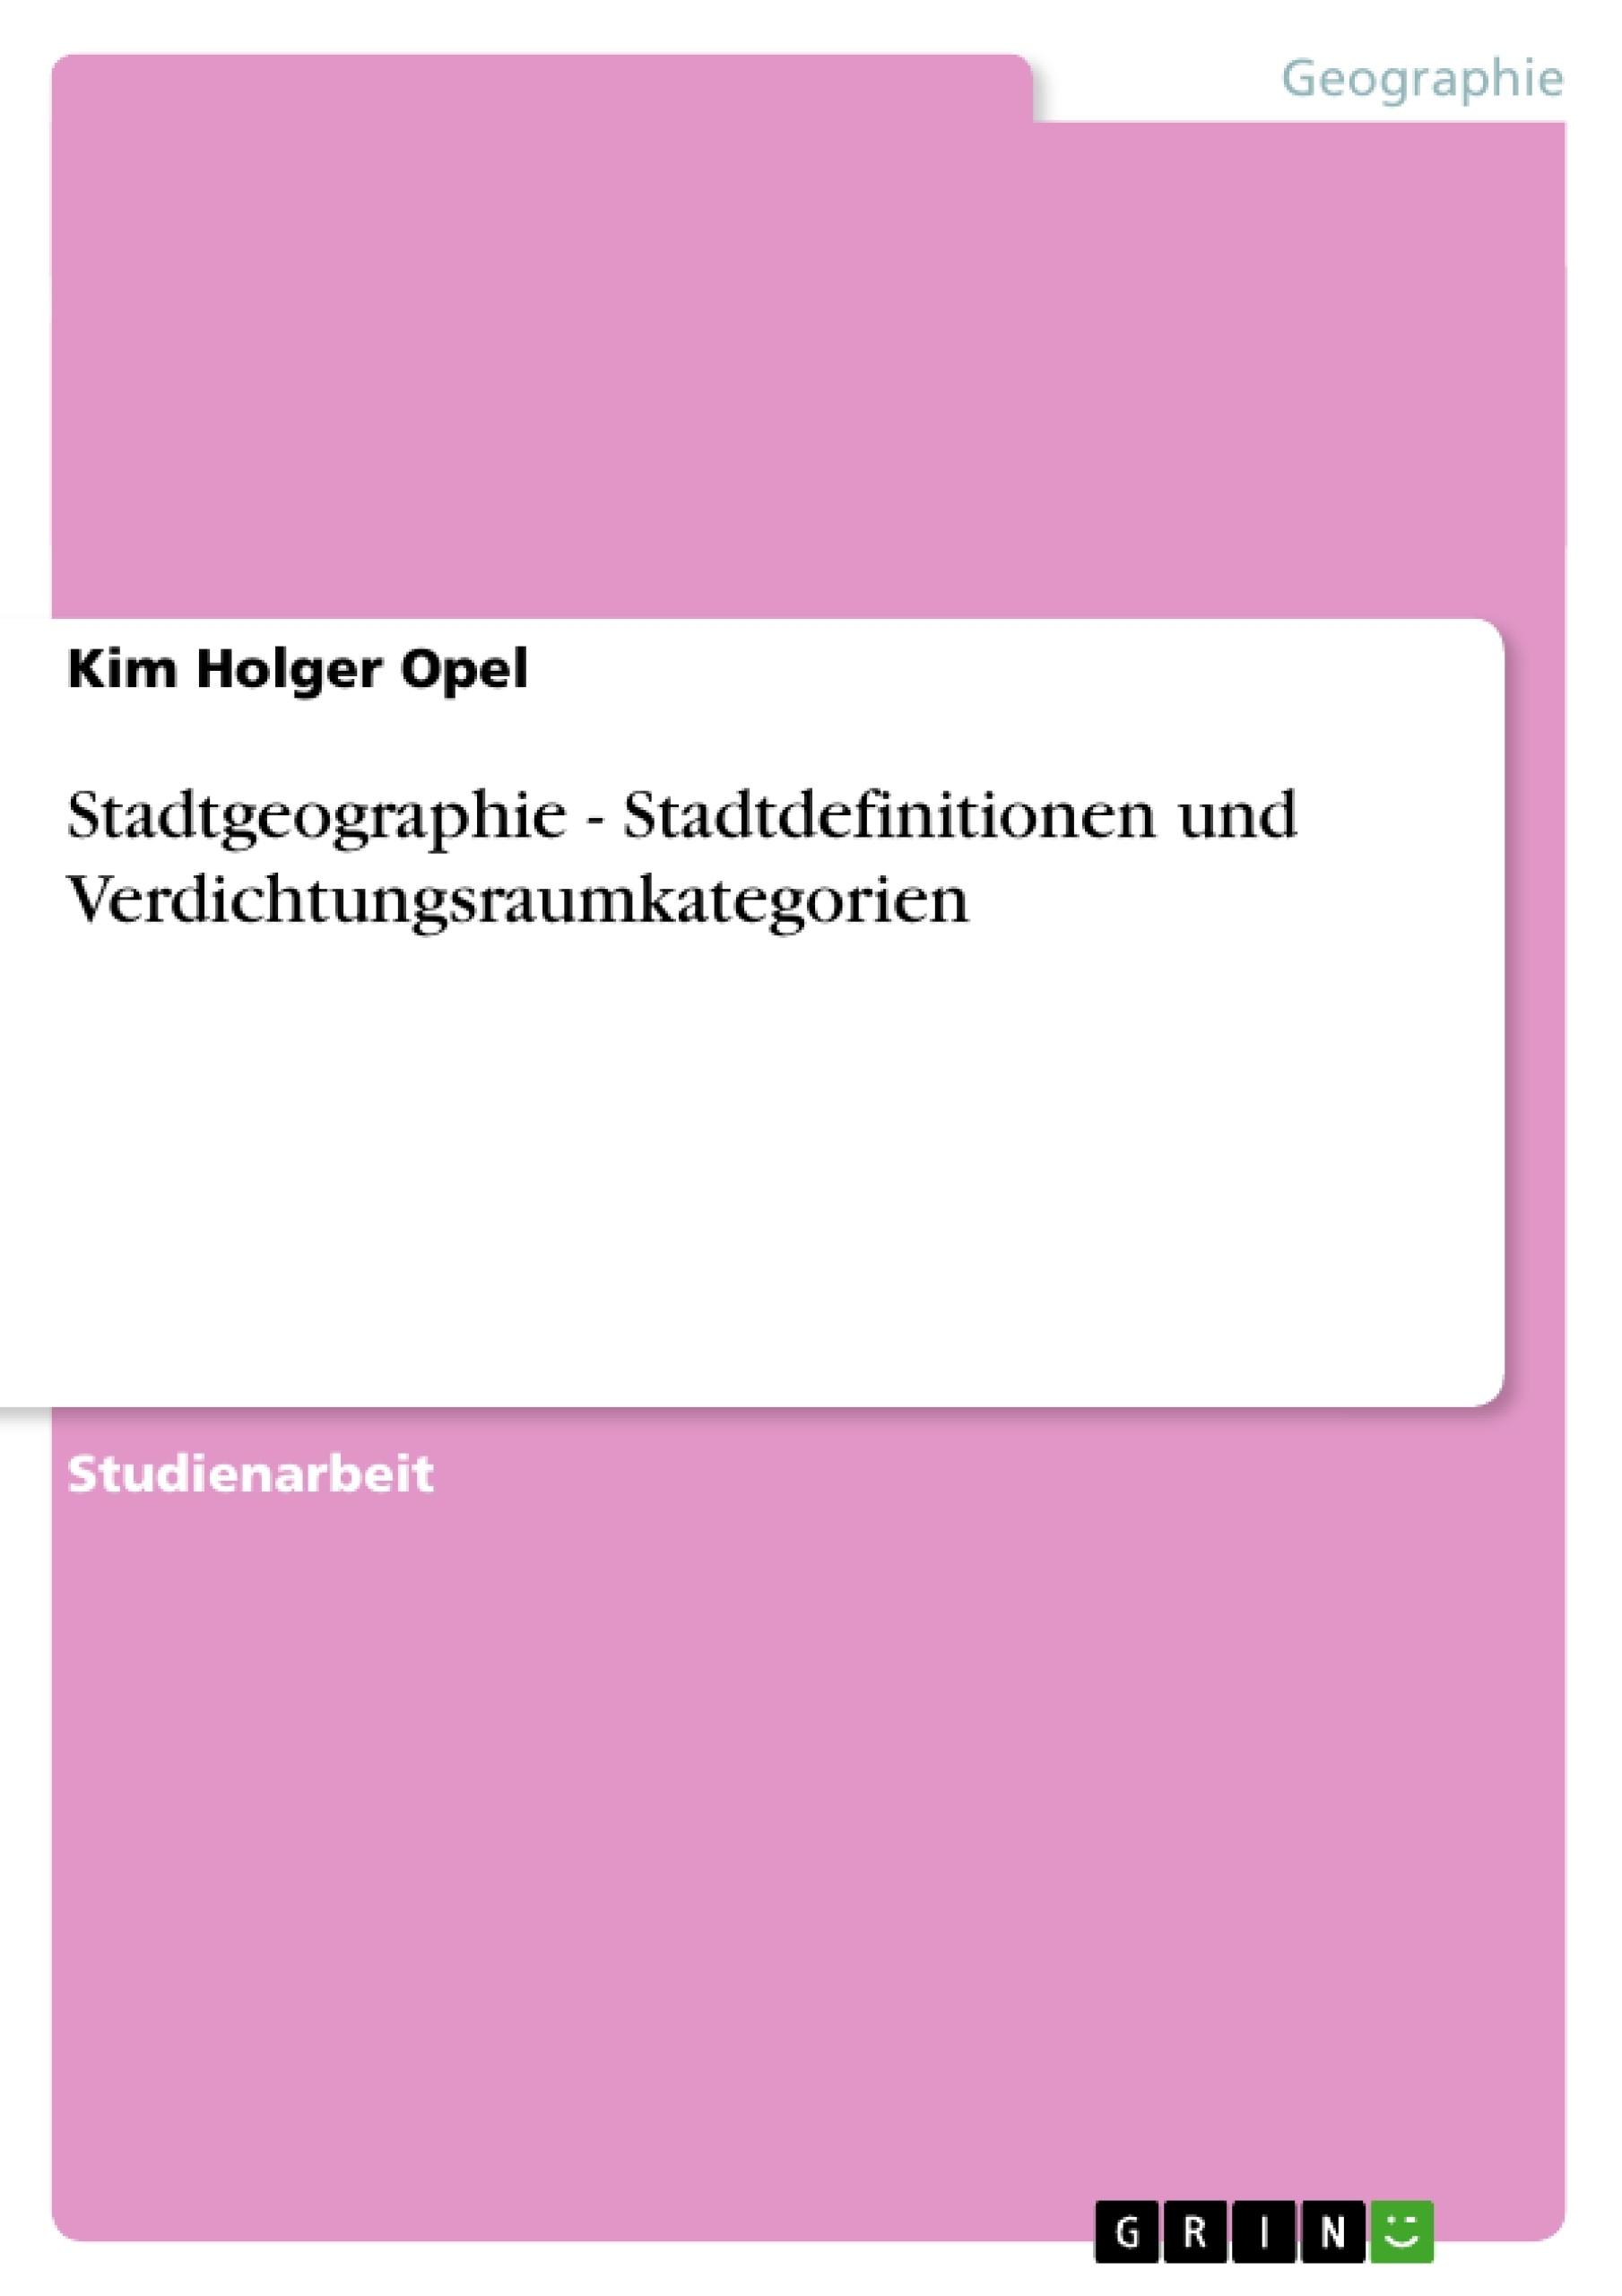 Titel: Stadtgeographie - Stadtdefinitionen und Verdichtungsraumkategorien